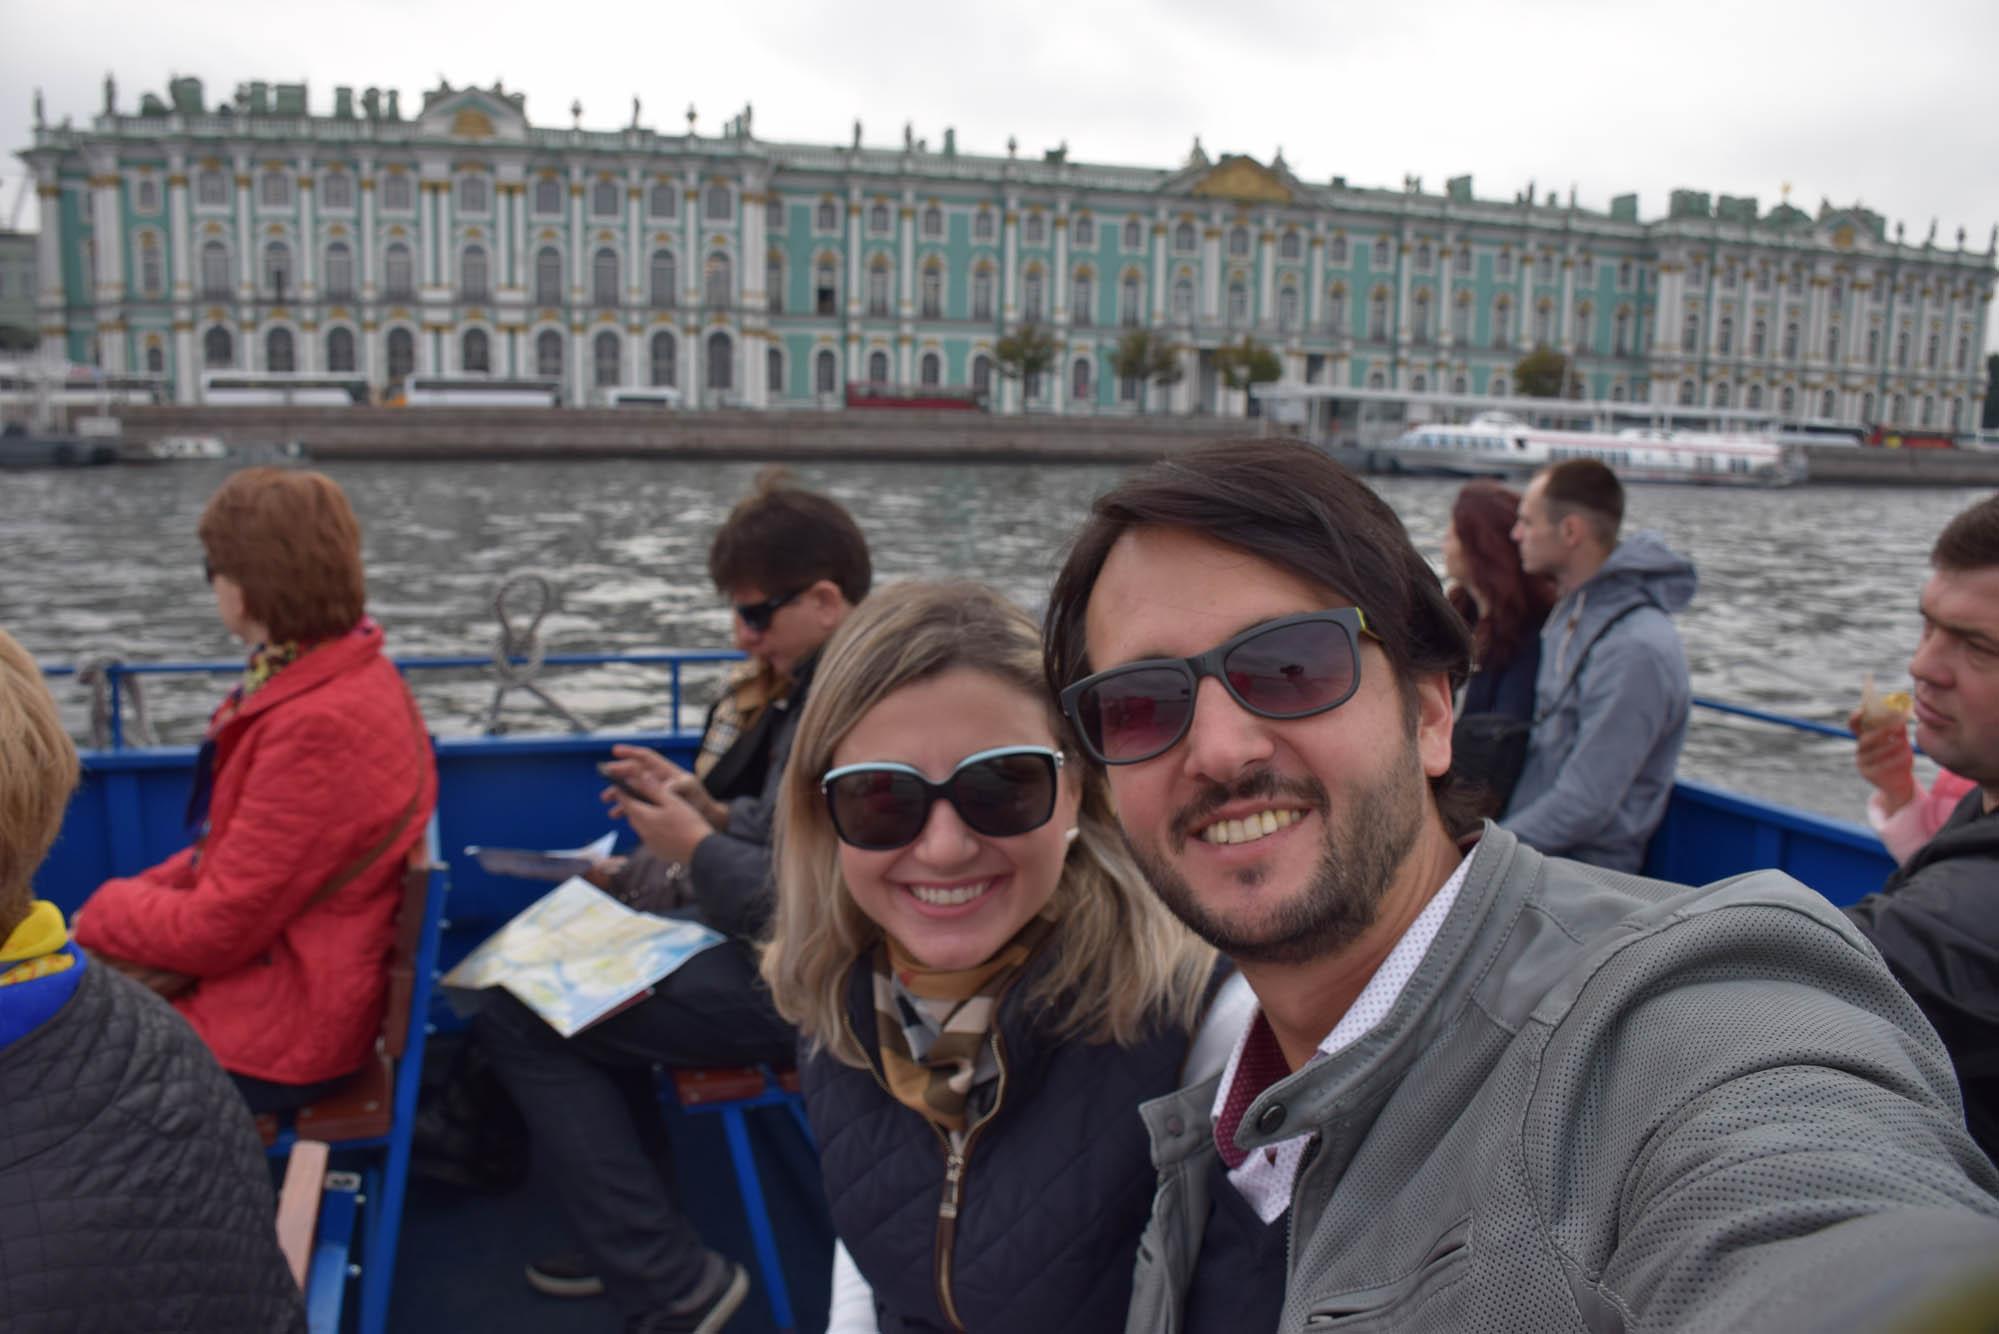 Passeio de barco pelo Rio Neva, em São Petersburgo, com o Palácio de Inverno no fundo